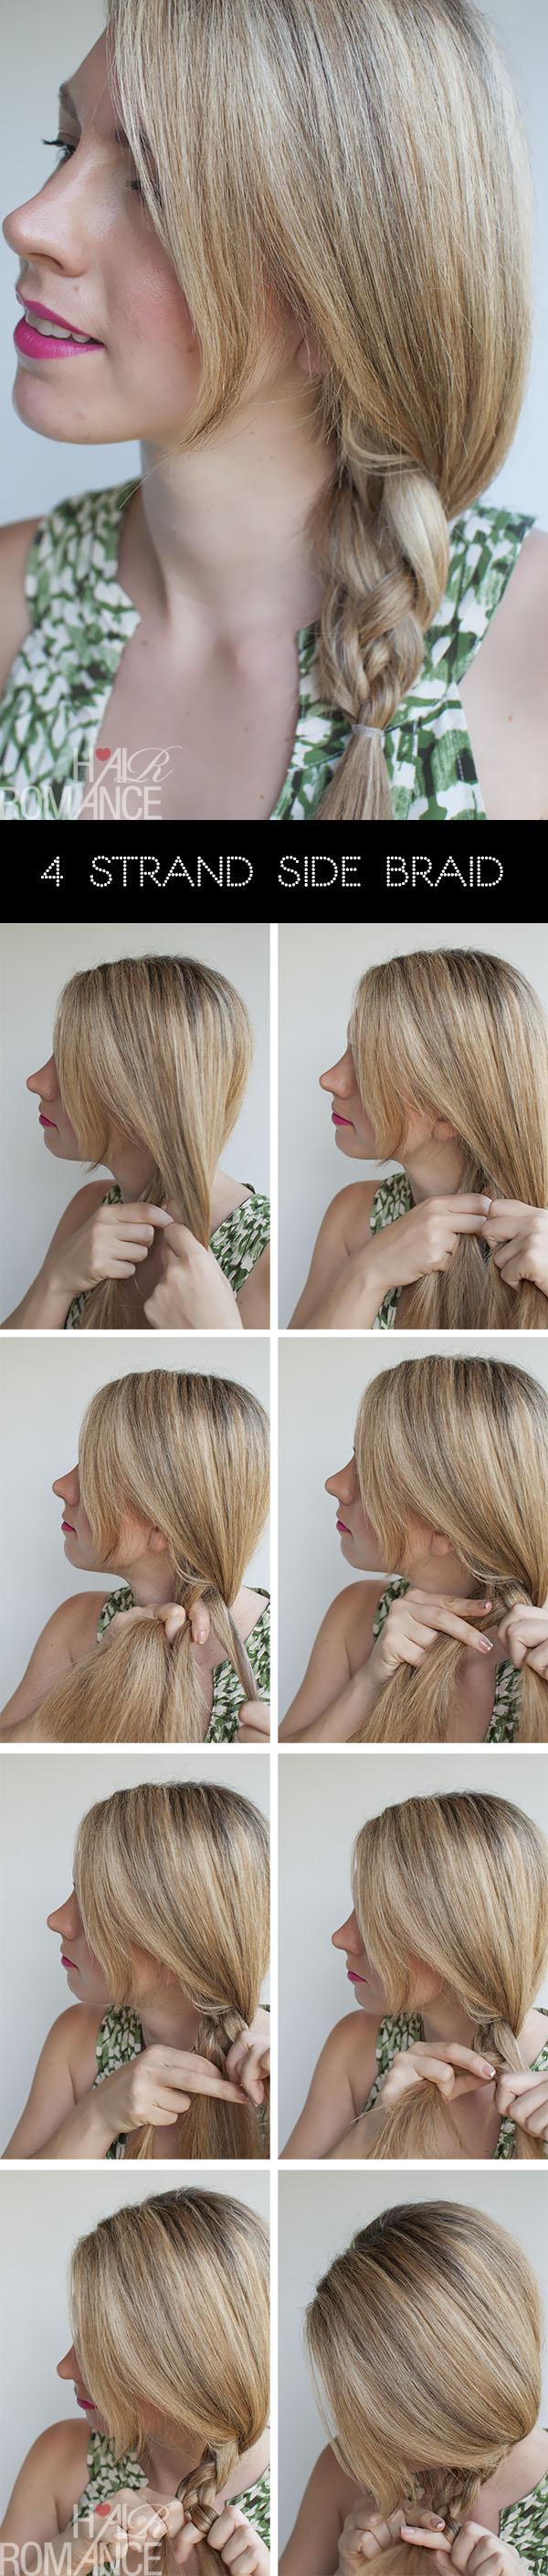 Hair Romance - 4 strand side braid hair tutorial